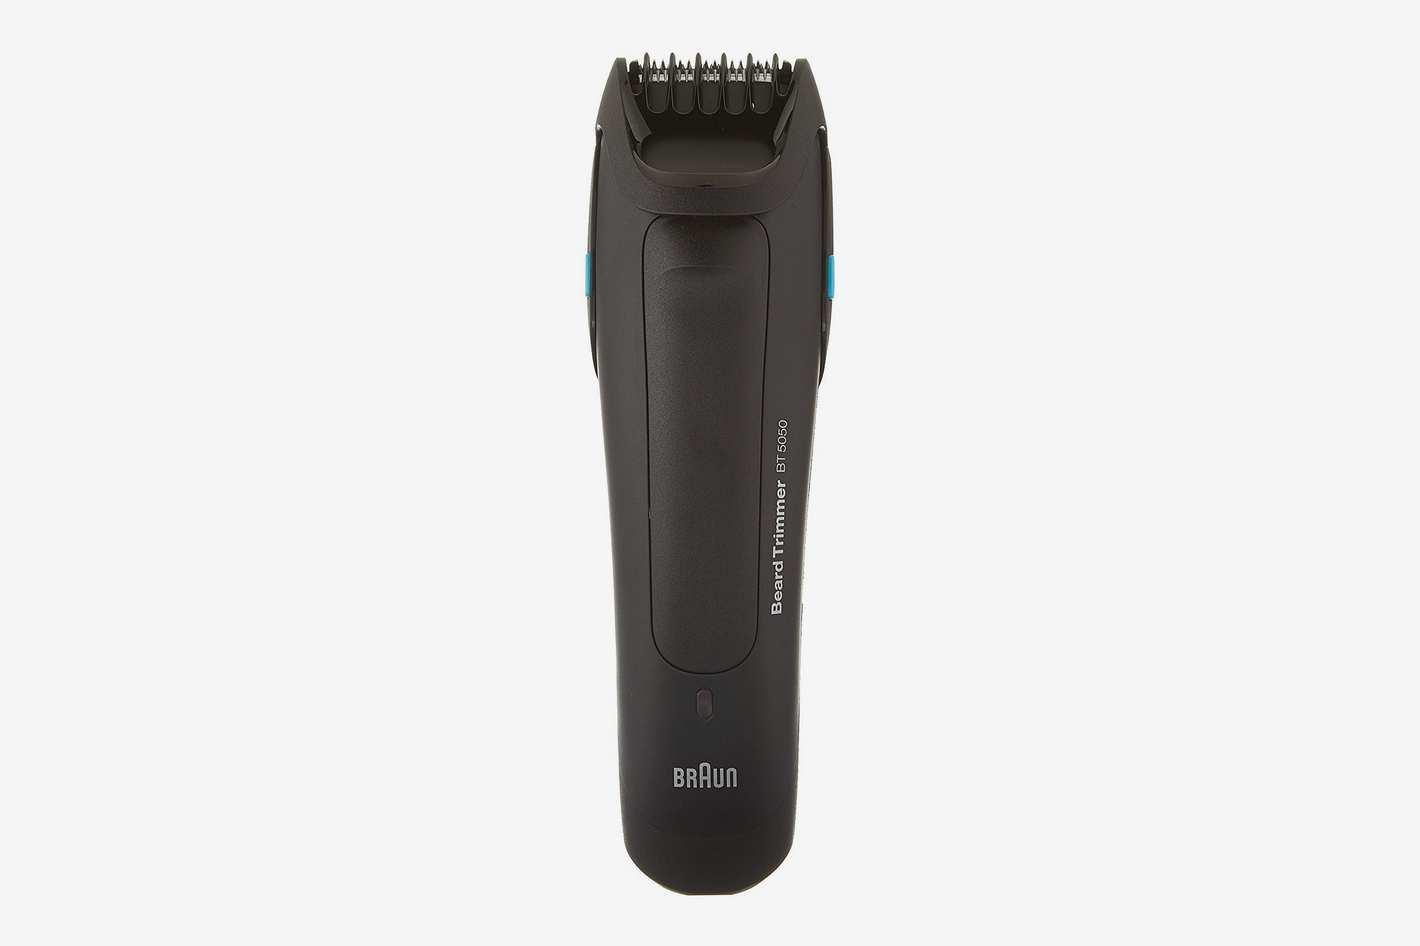 Braun BT5050 Men's Beard Trimmer